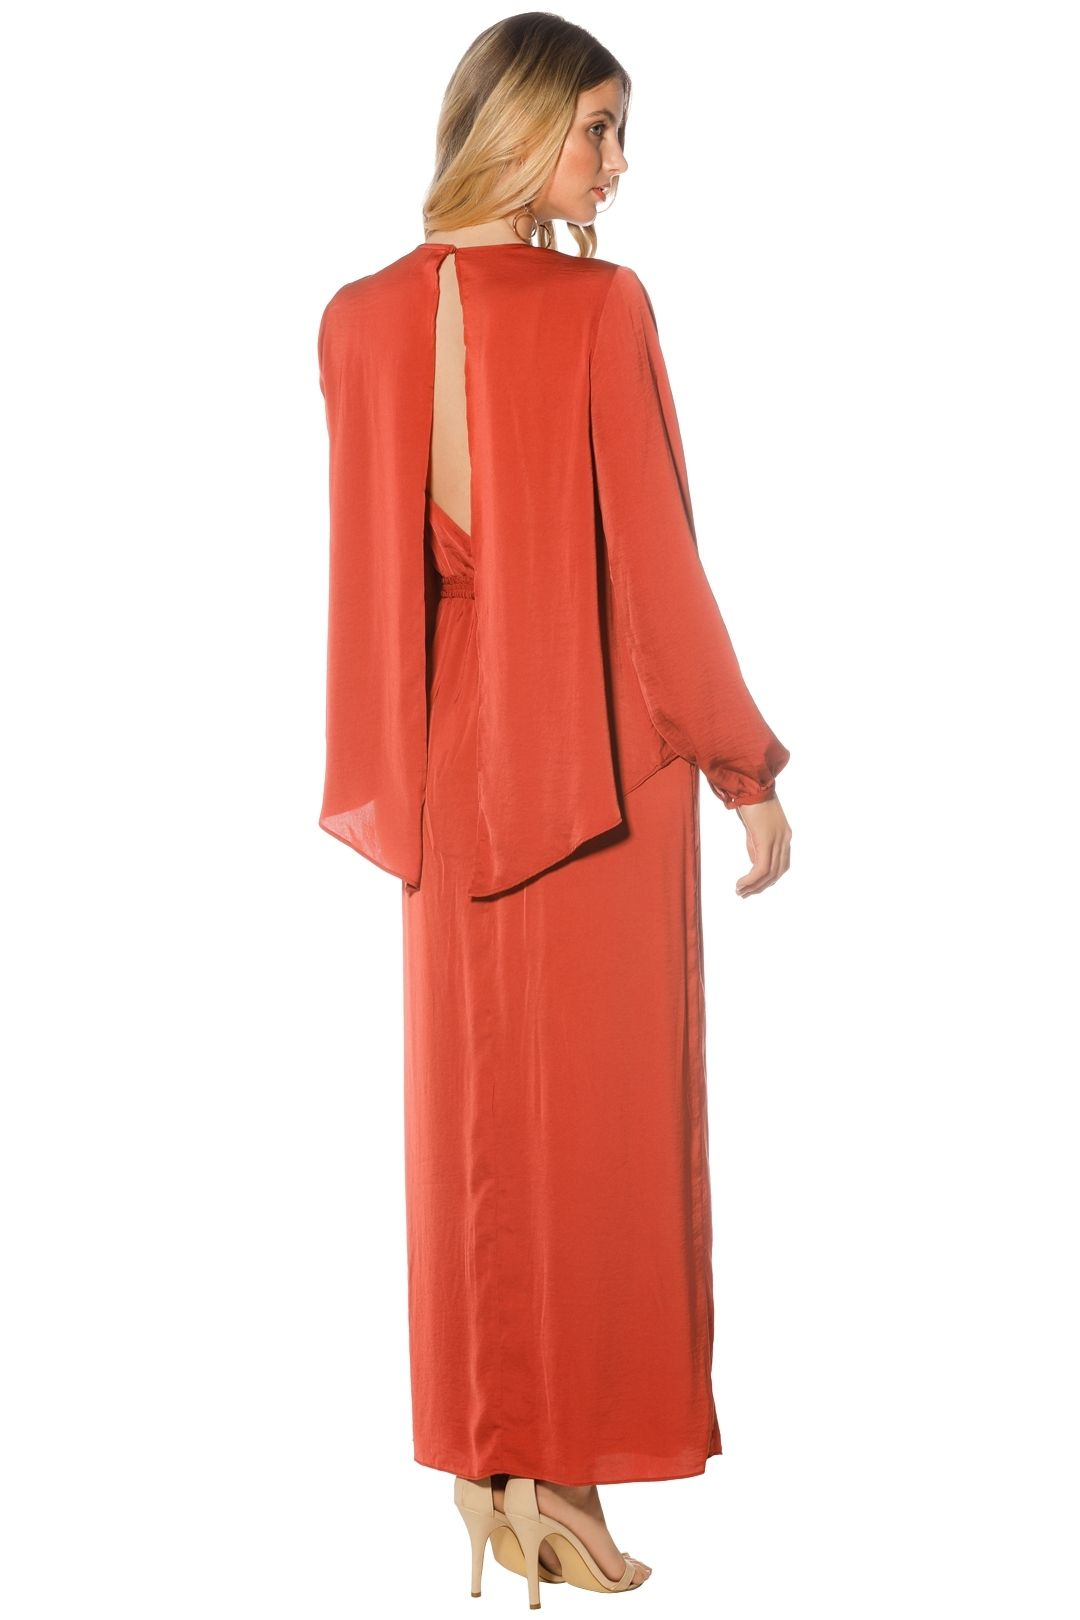 The Jetset Diaries - Siren LS Midi Dress - Saffron - Back